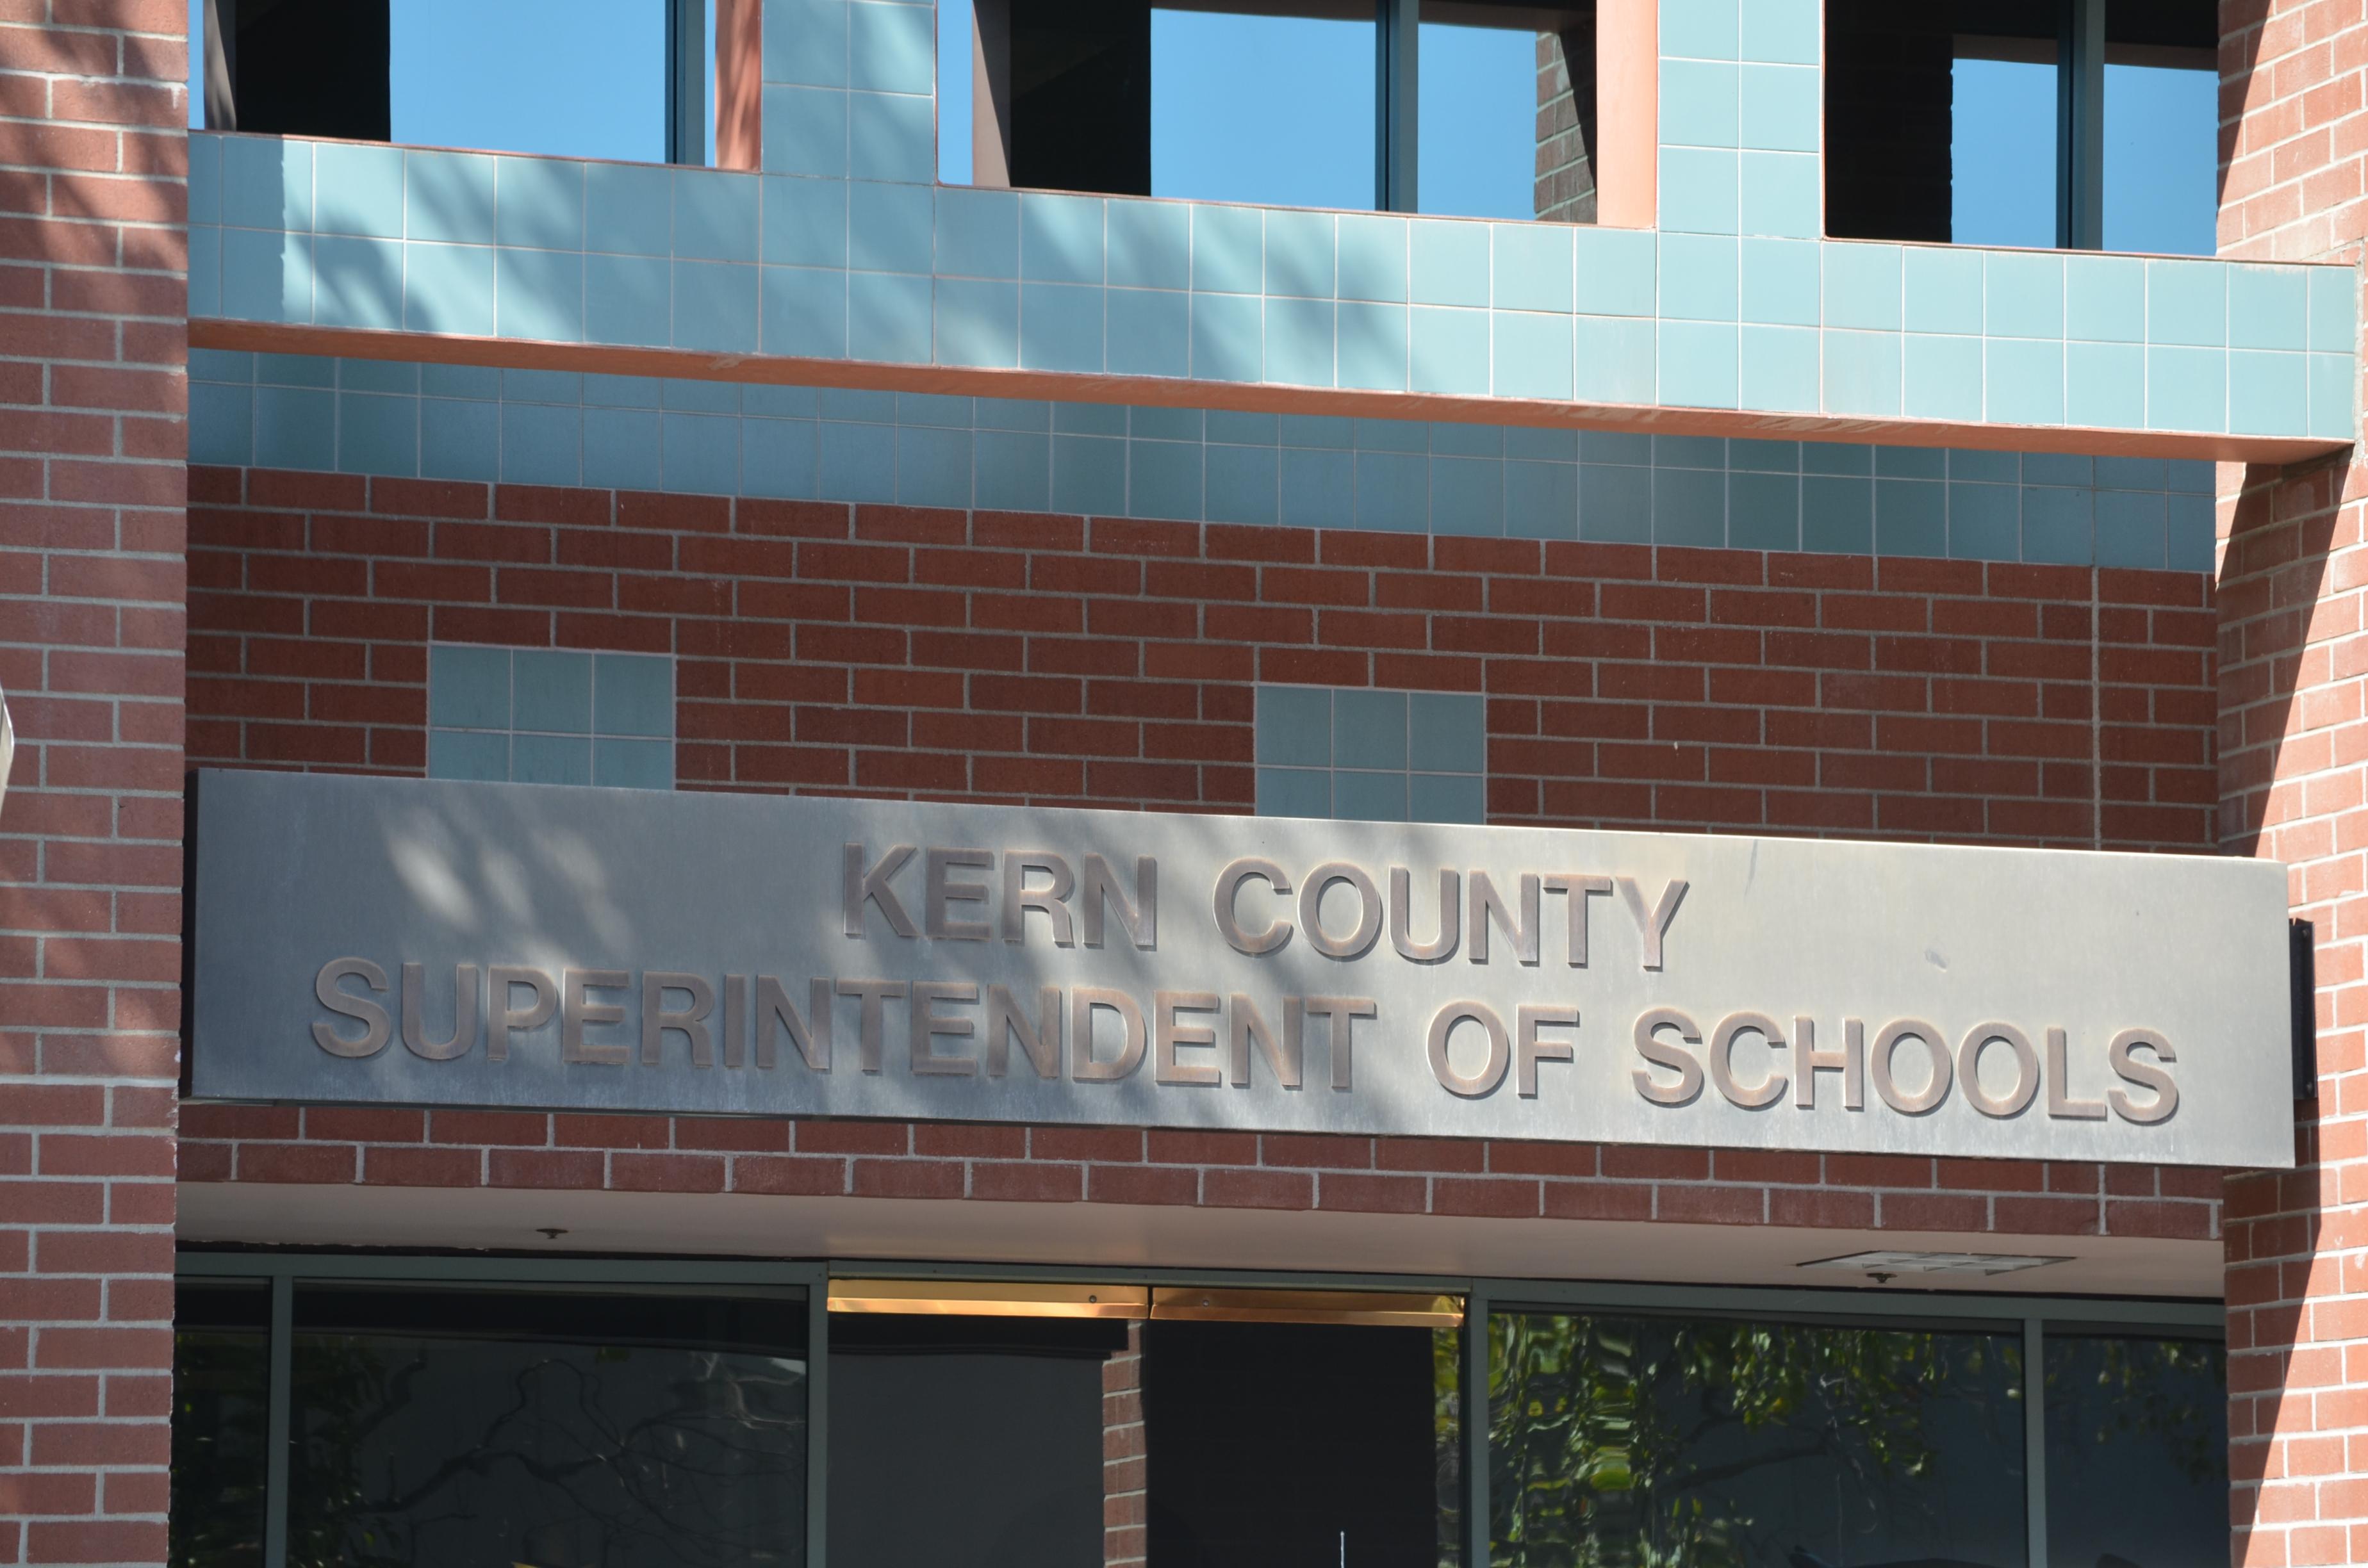 Oficina del Superintendente de Escuelas del Condado de Kern en Bakersfield, California.